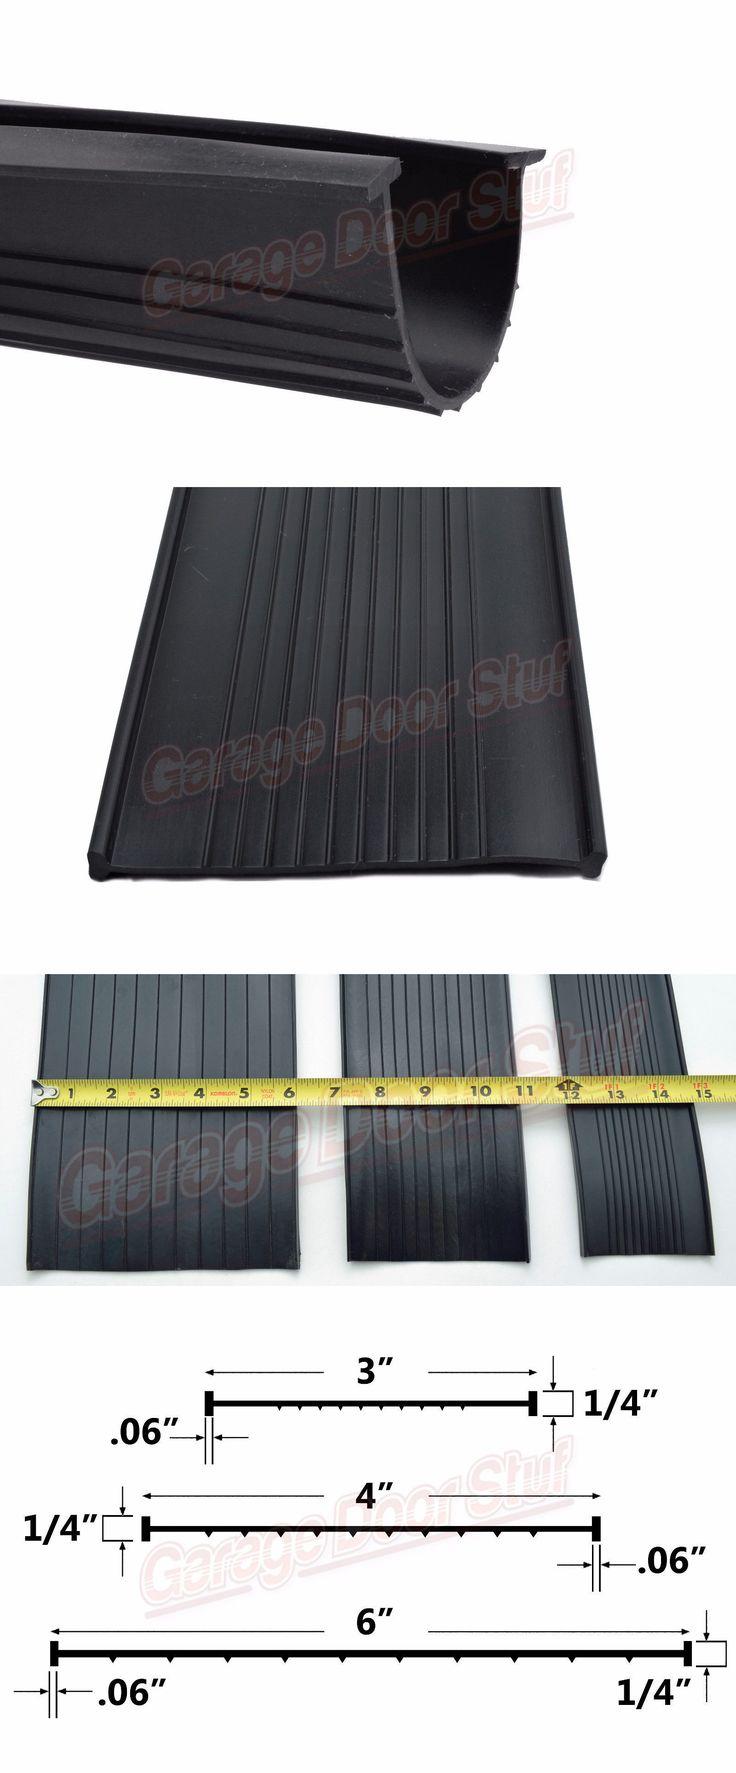 Garage door panel parts - Garage Door Parts And Accs 179687 Garage Door Weather Seal Rubber Buy